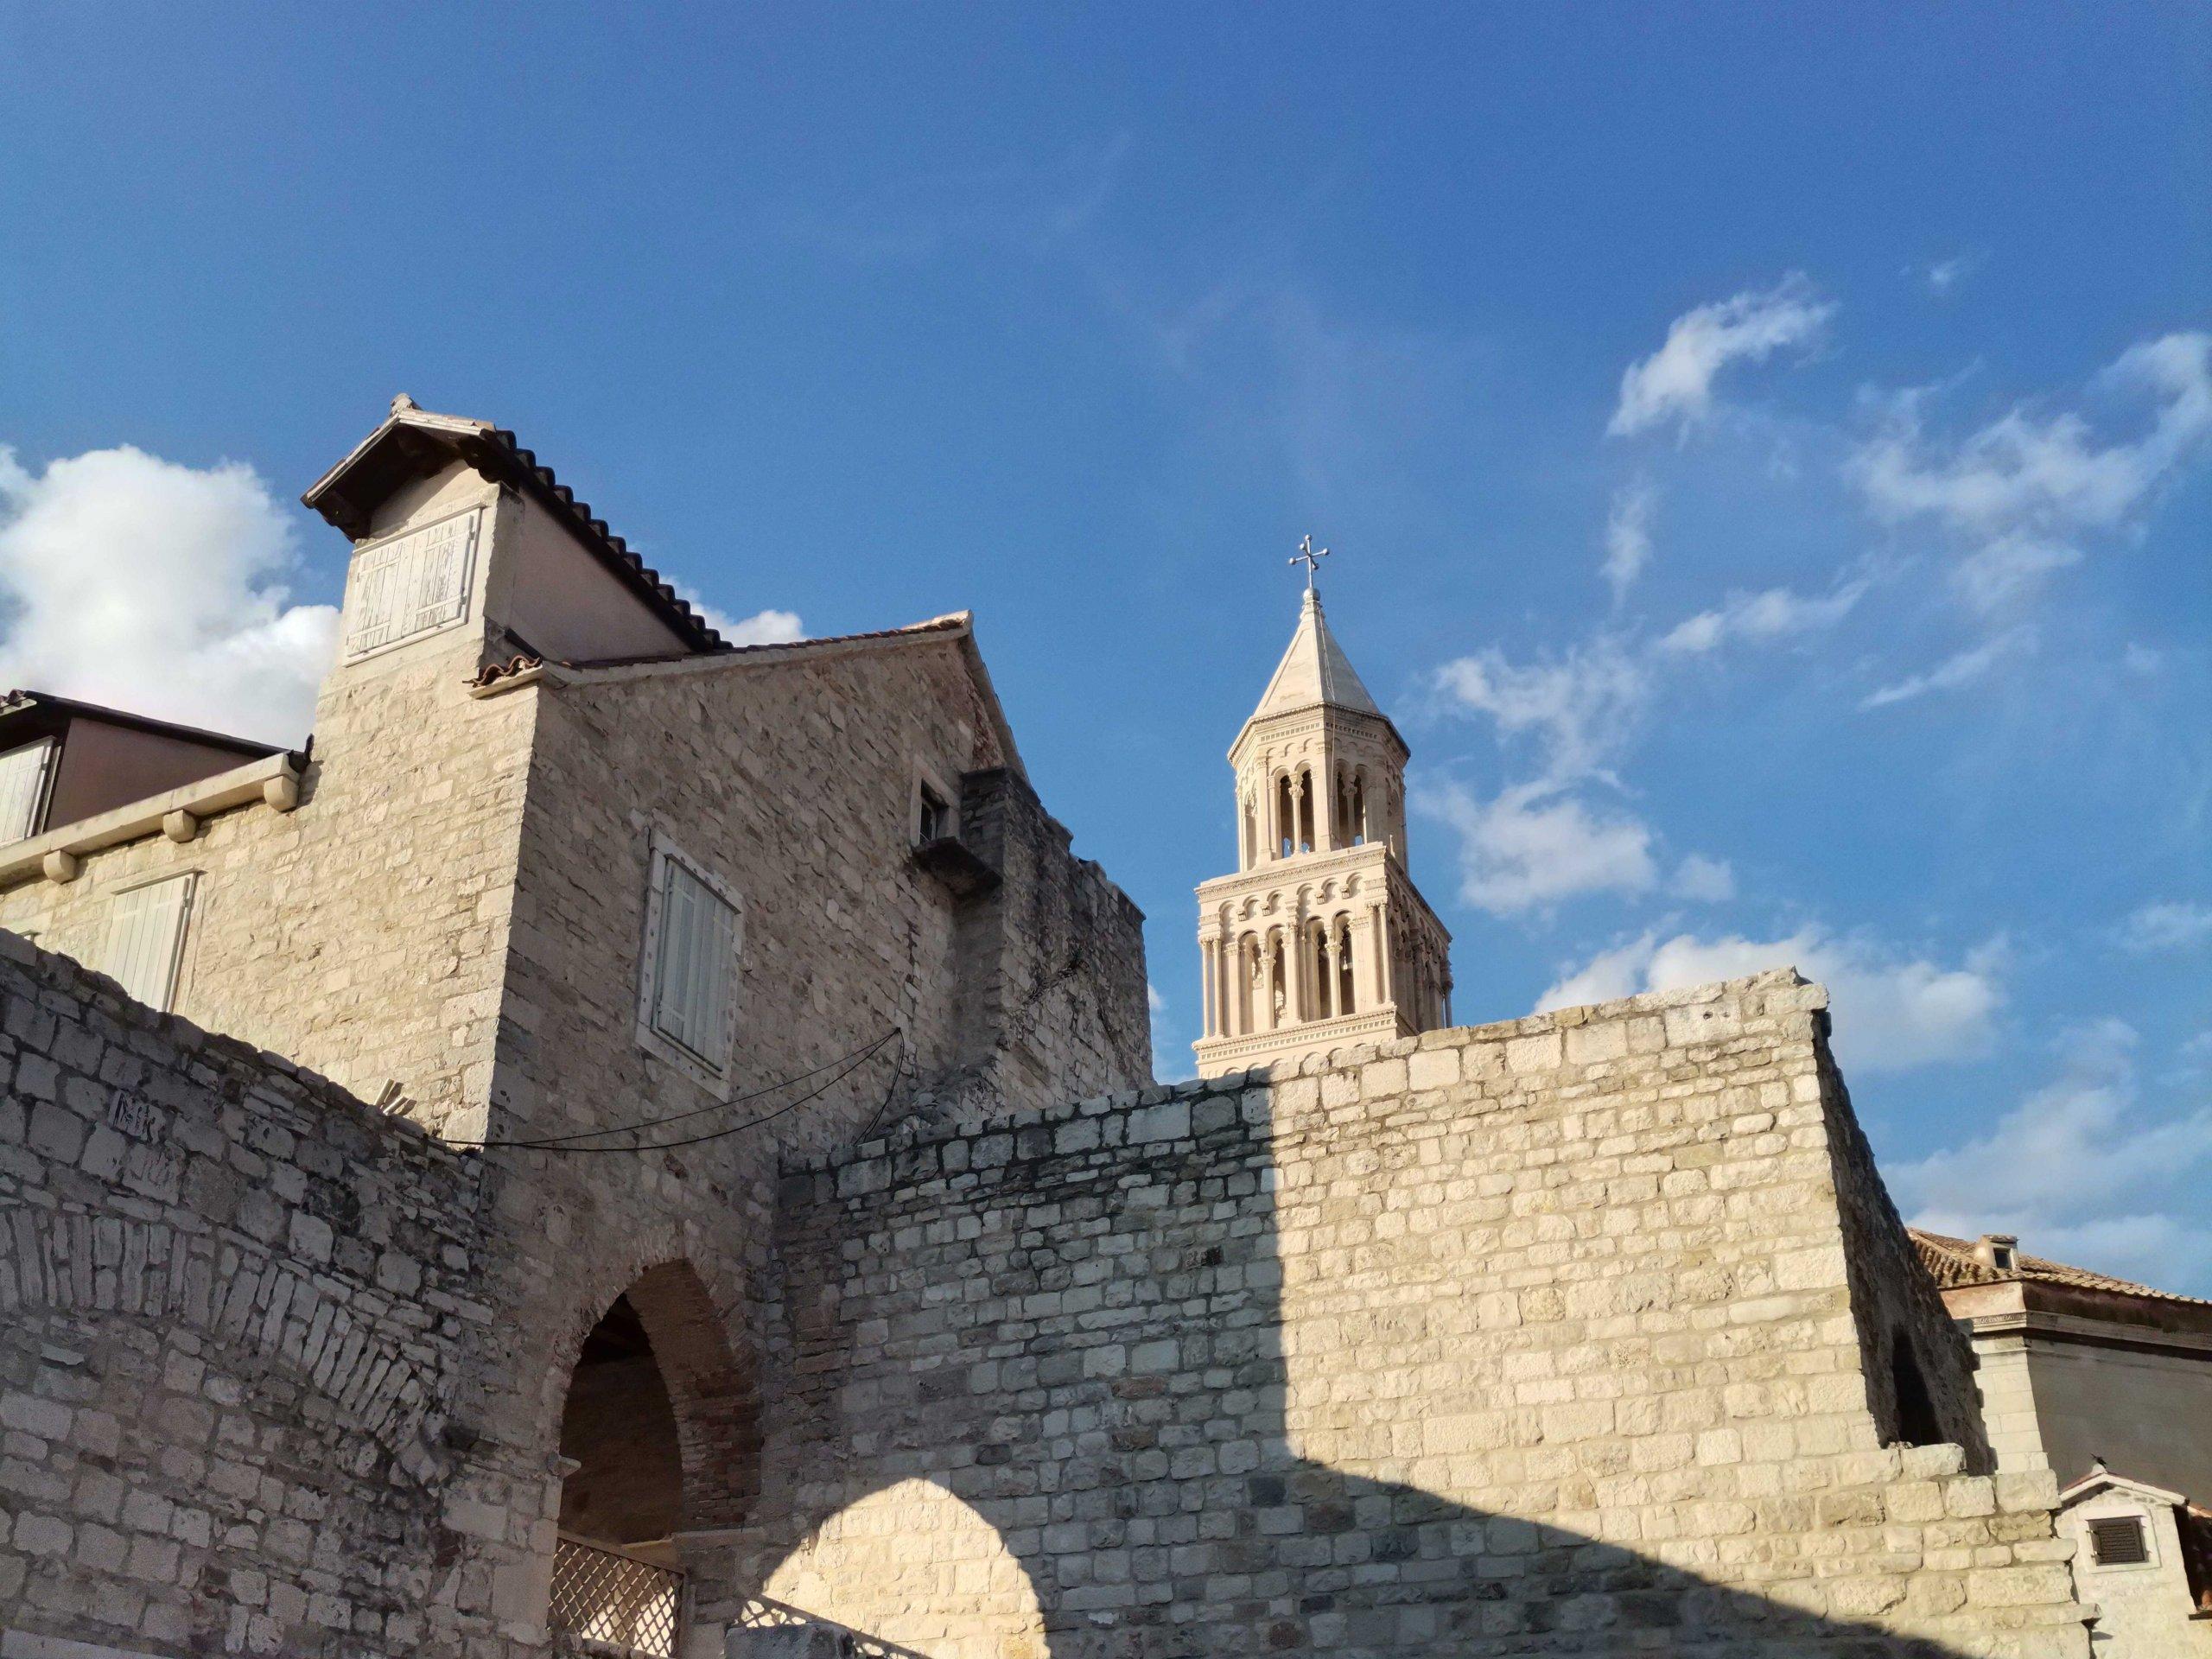 [FOTO] Najizvornija dalmatinska srednjovjekovna građevina se nalazi u Splitu